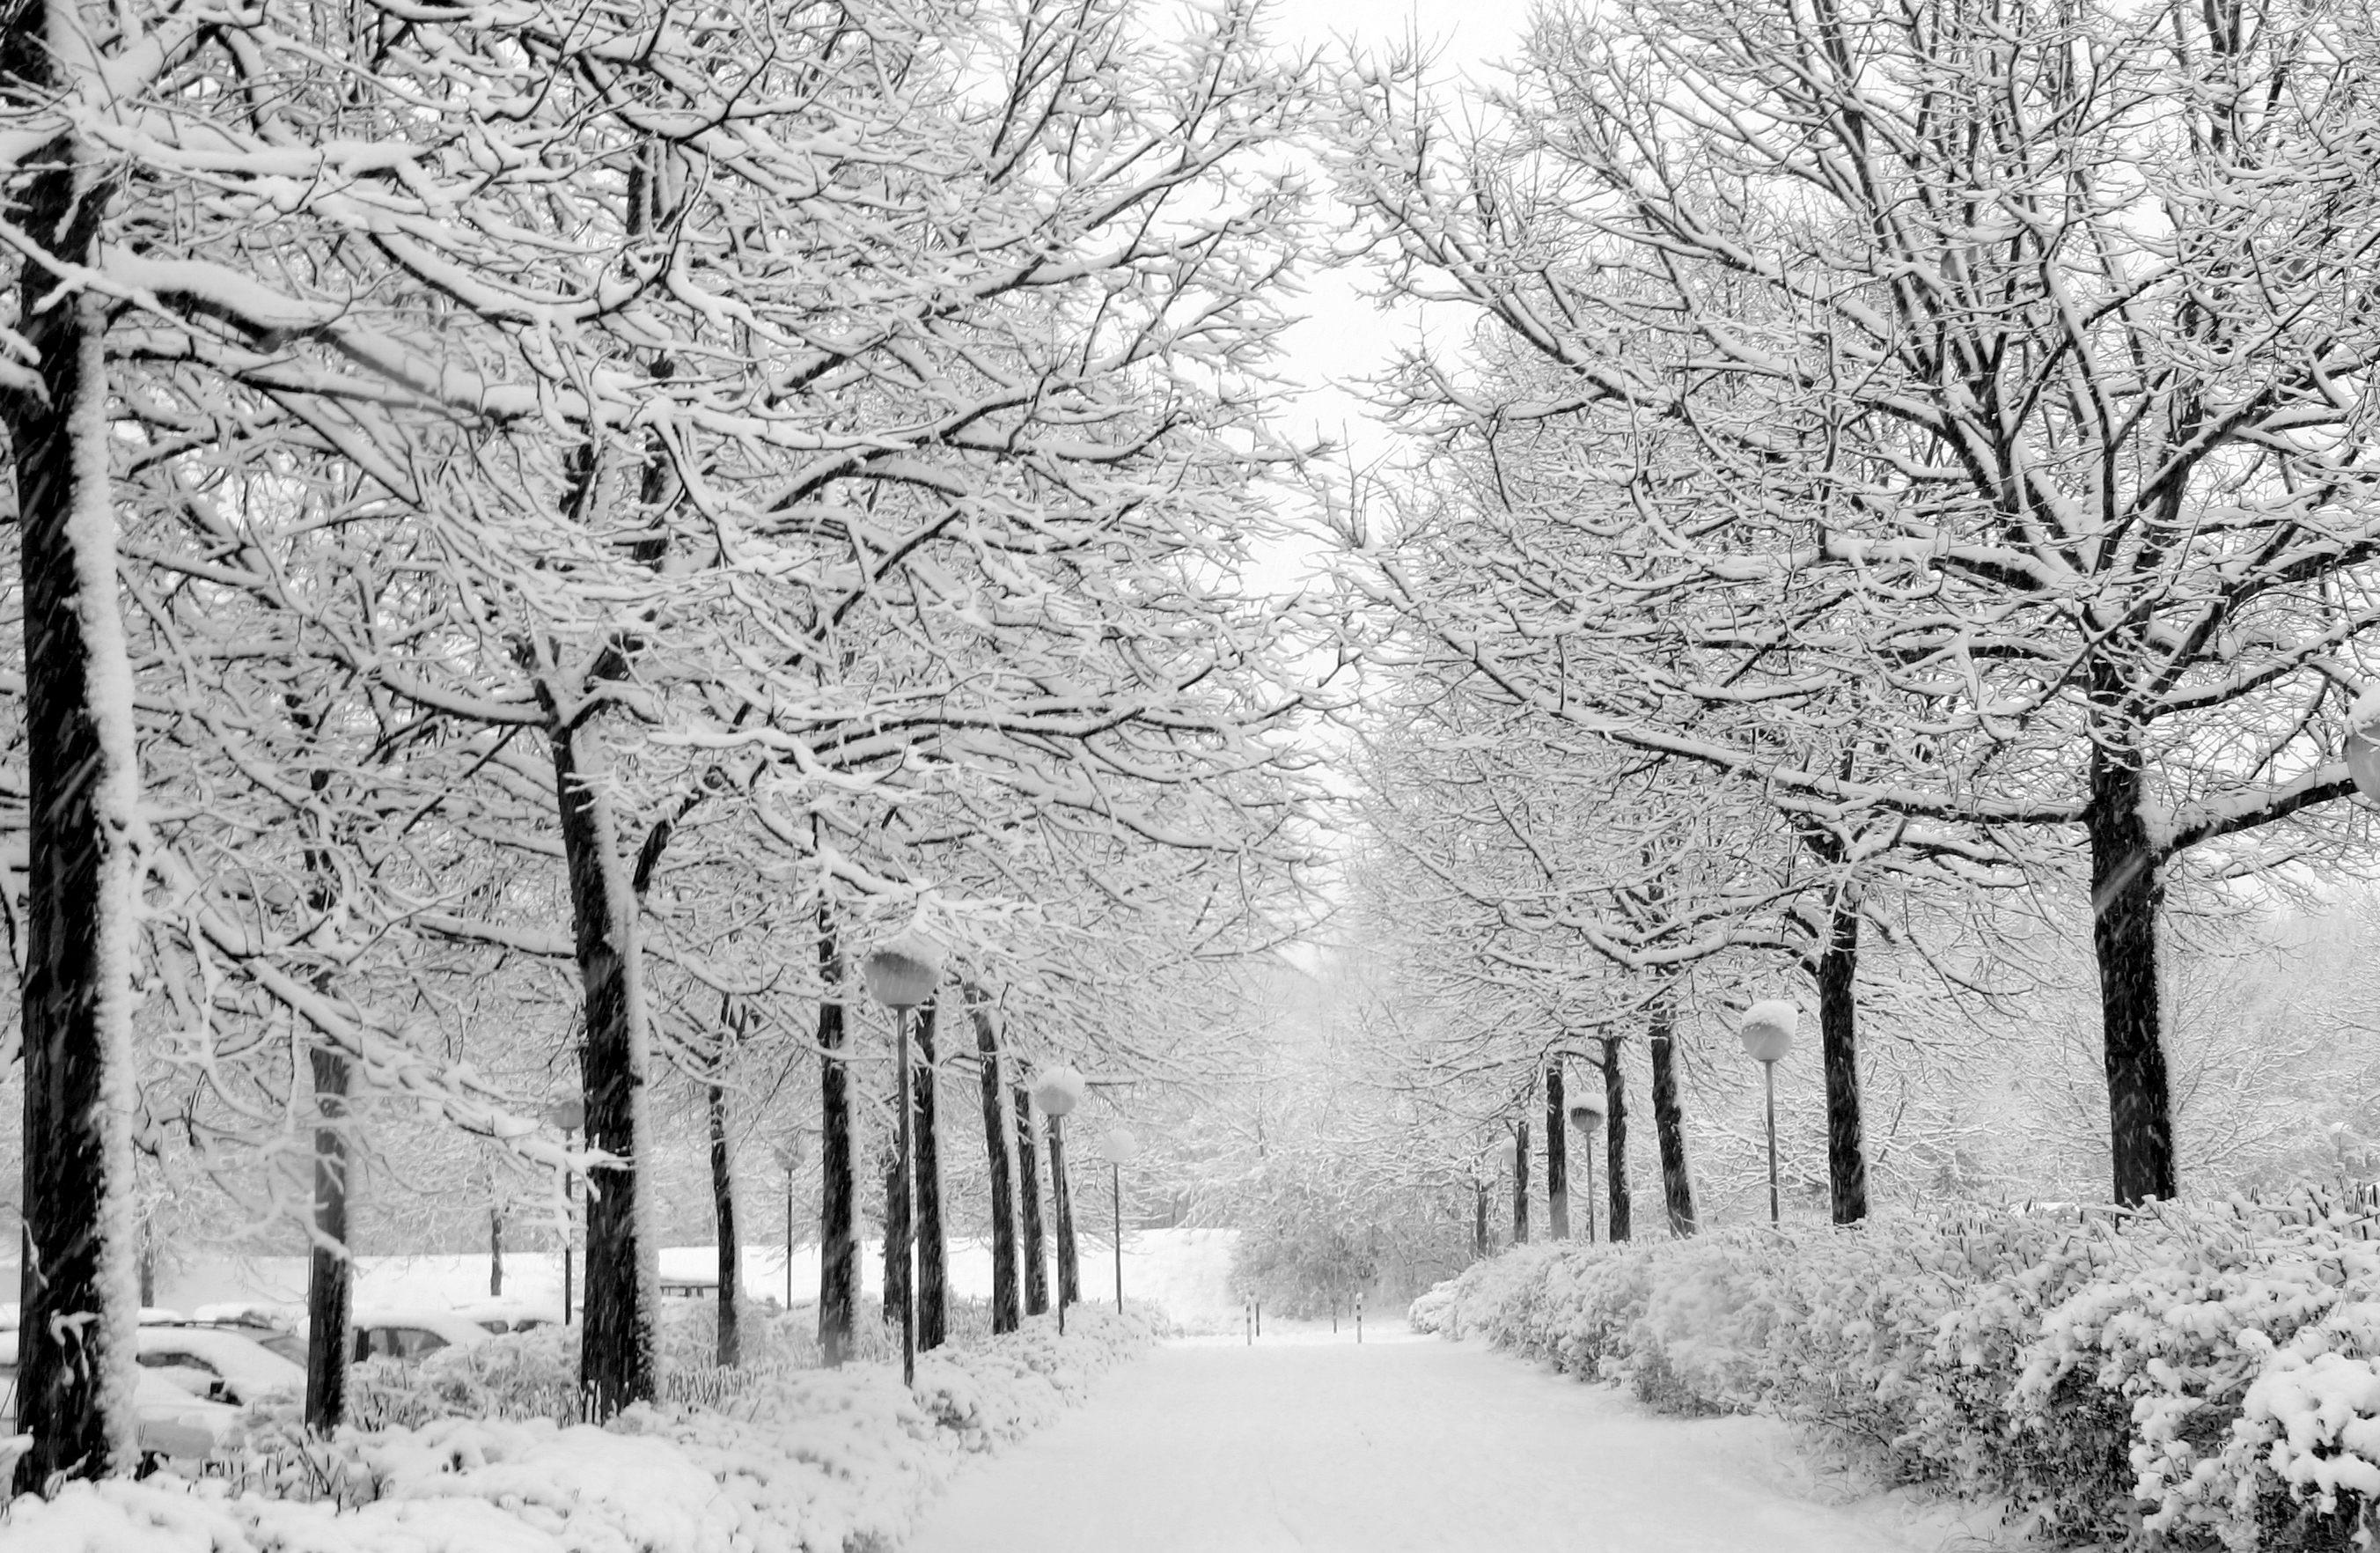 Снег, аллея. фото, обои для рабочего стола, скачать